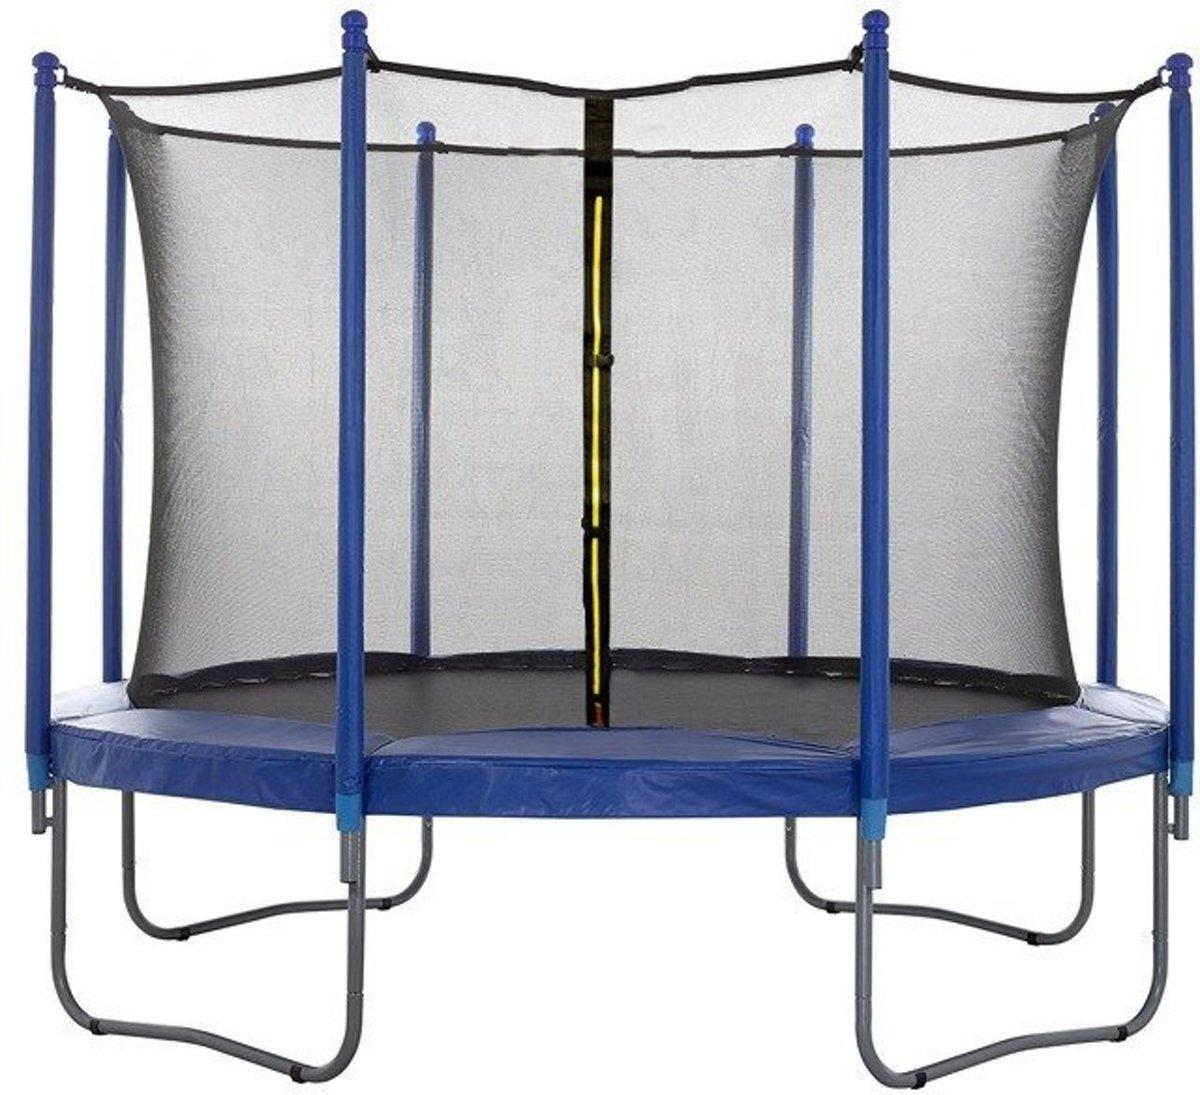 Trampoline net - 396 cm - binnenrand